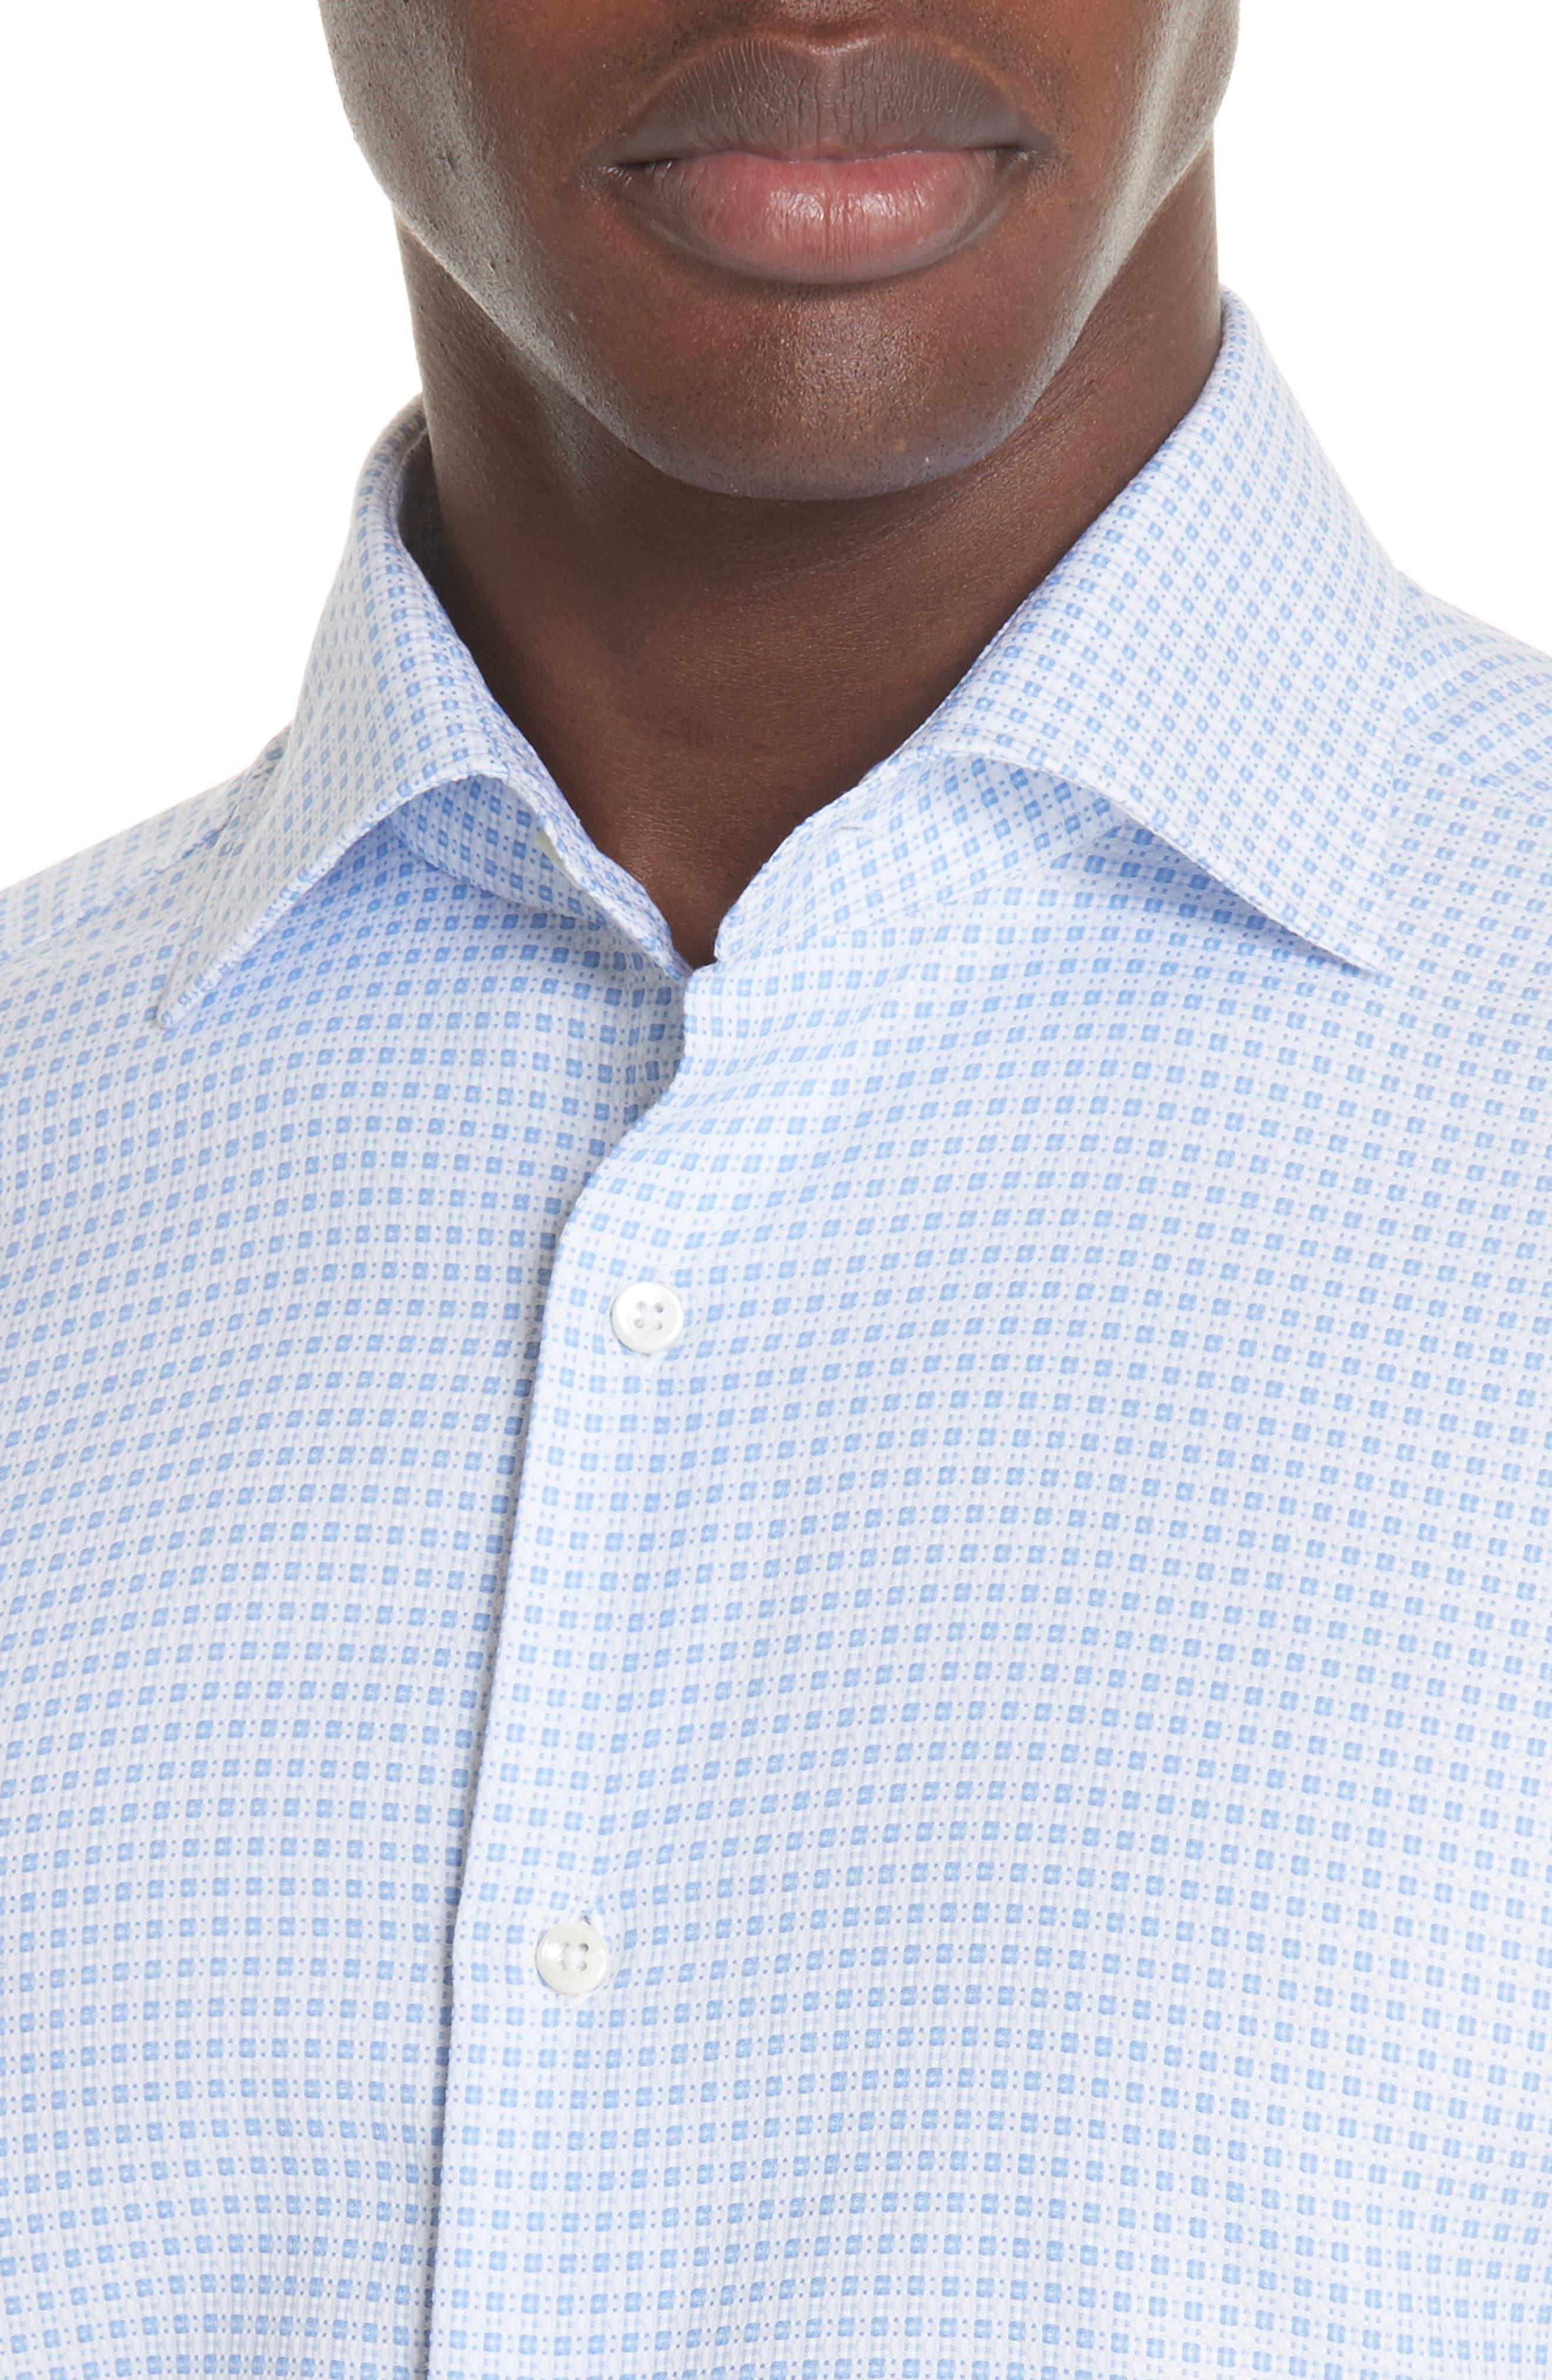 Trim Fit Check Dress Shirt,                             Alternate thumbnail 2, color,                             430